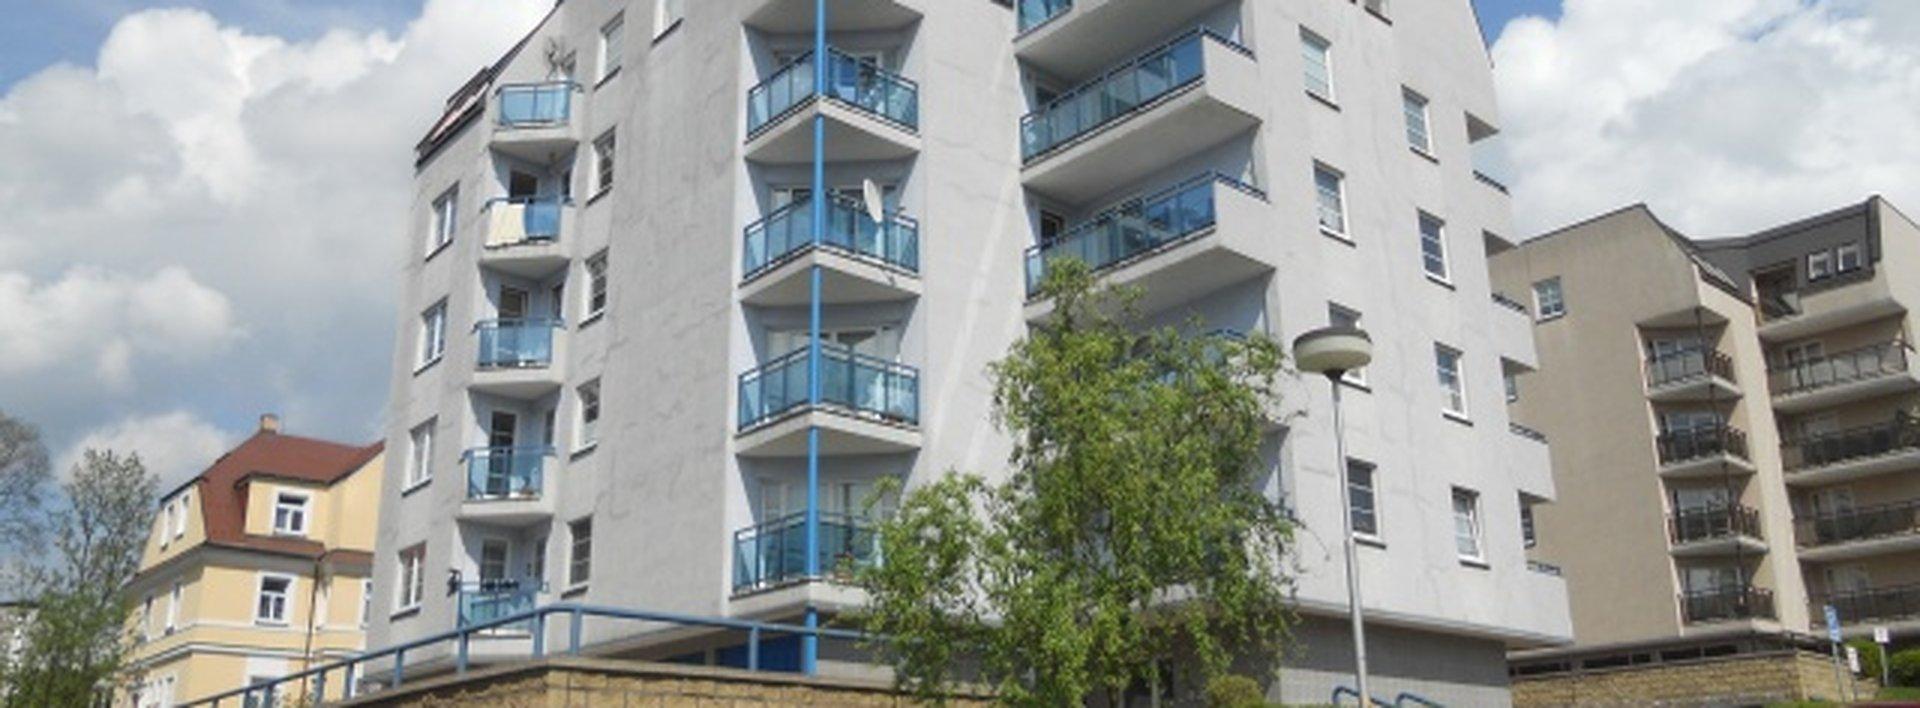 Nadstandardní, slunný byt 3+1 s balkóny a garáží, v klidné části centra Liberce, Ev.č.: N46281